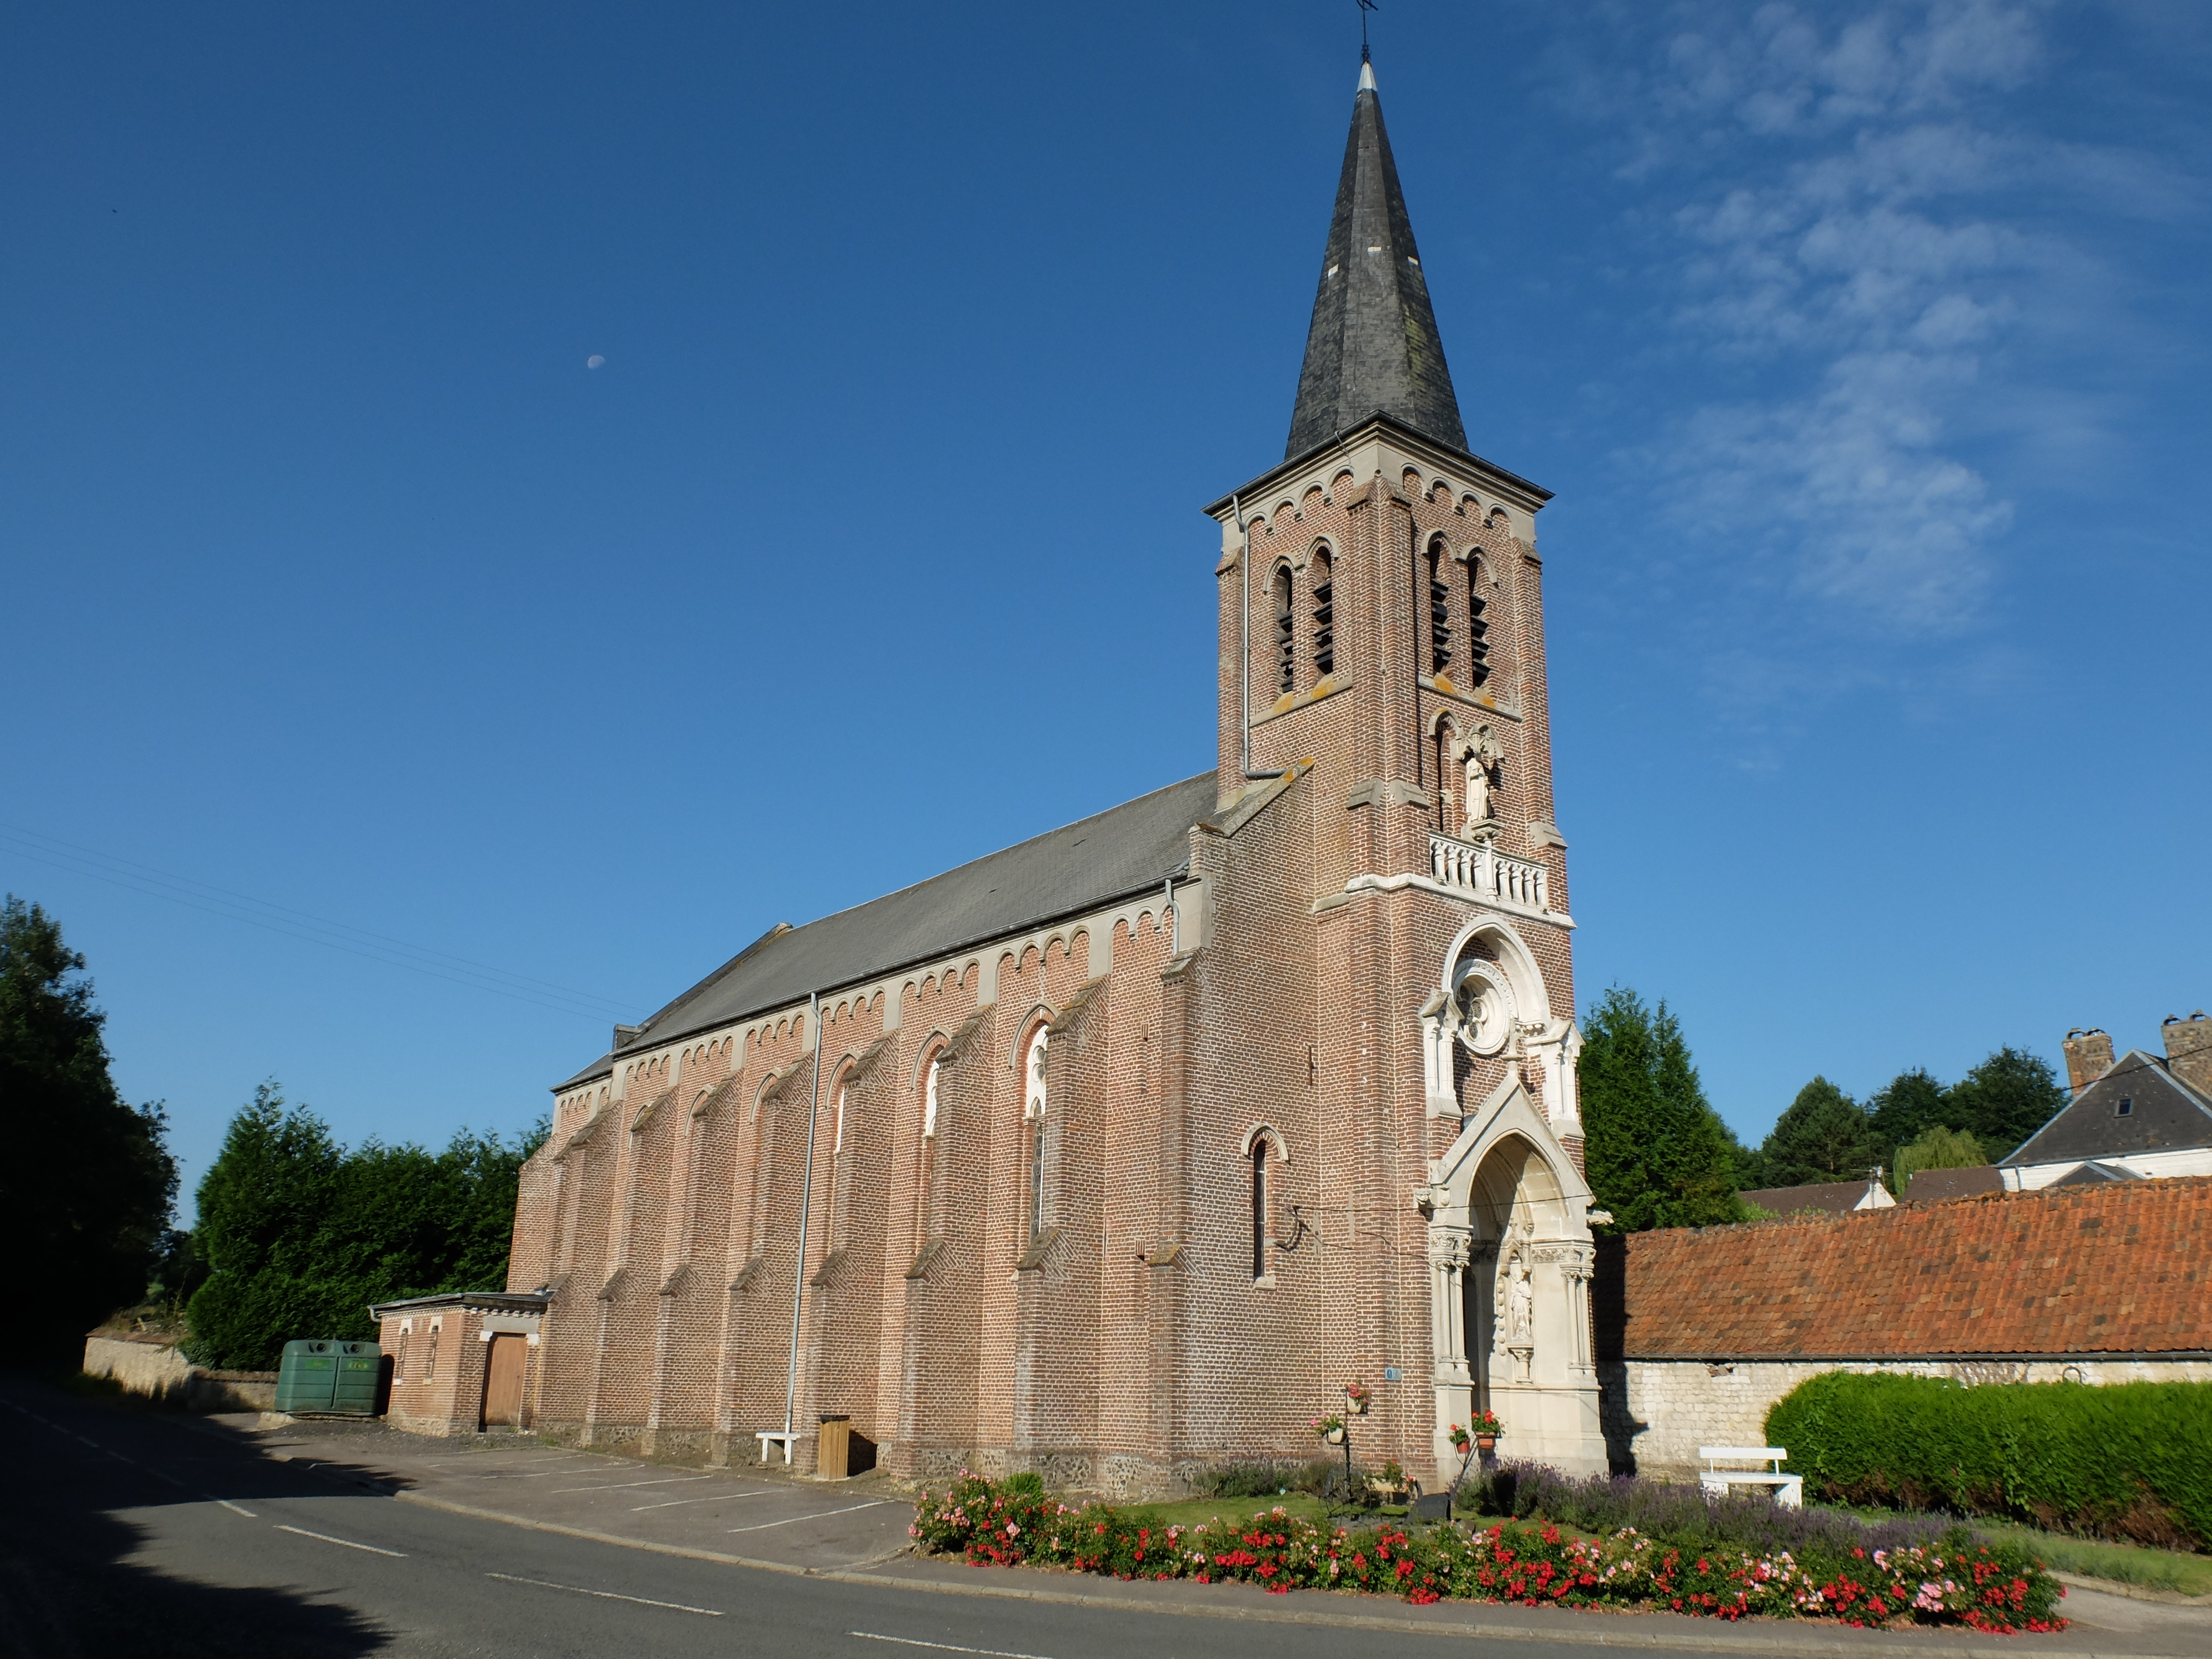 Beaumerie-Saint-Martin